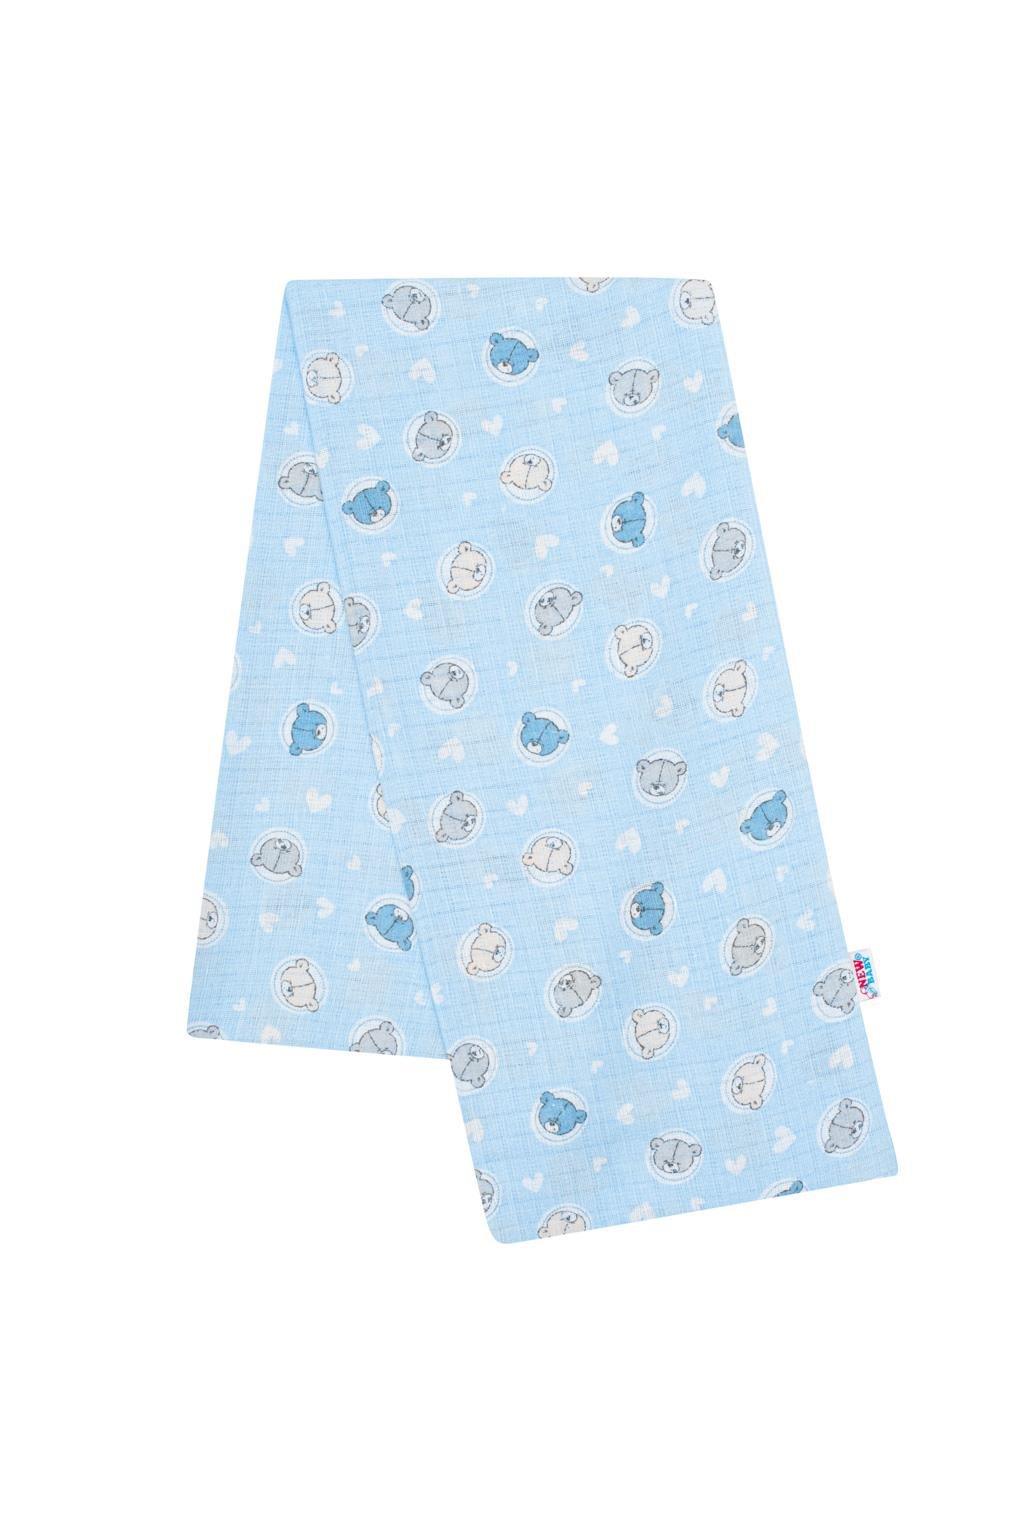 Bavlnená plienka s potlačou New Baby modrá malé medvedíky